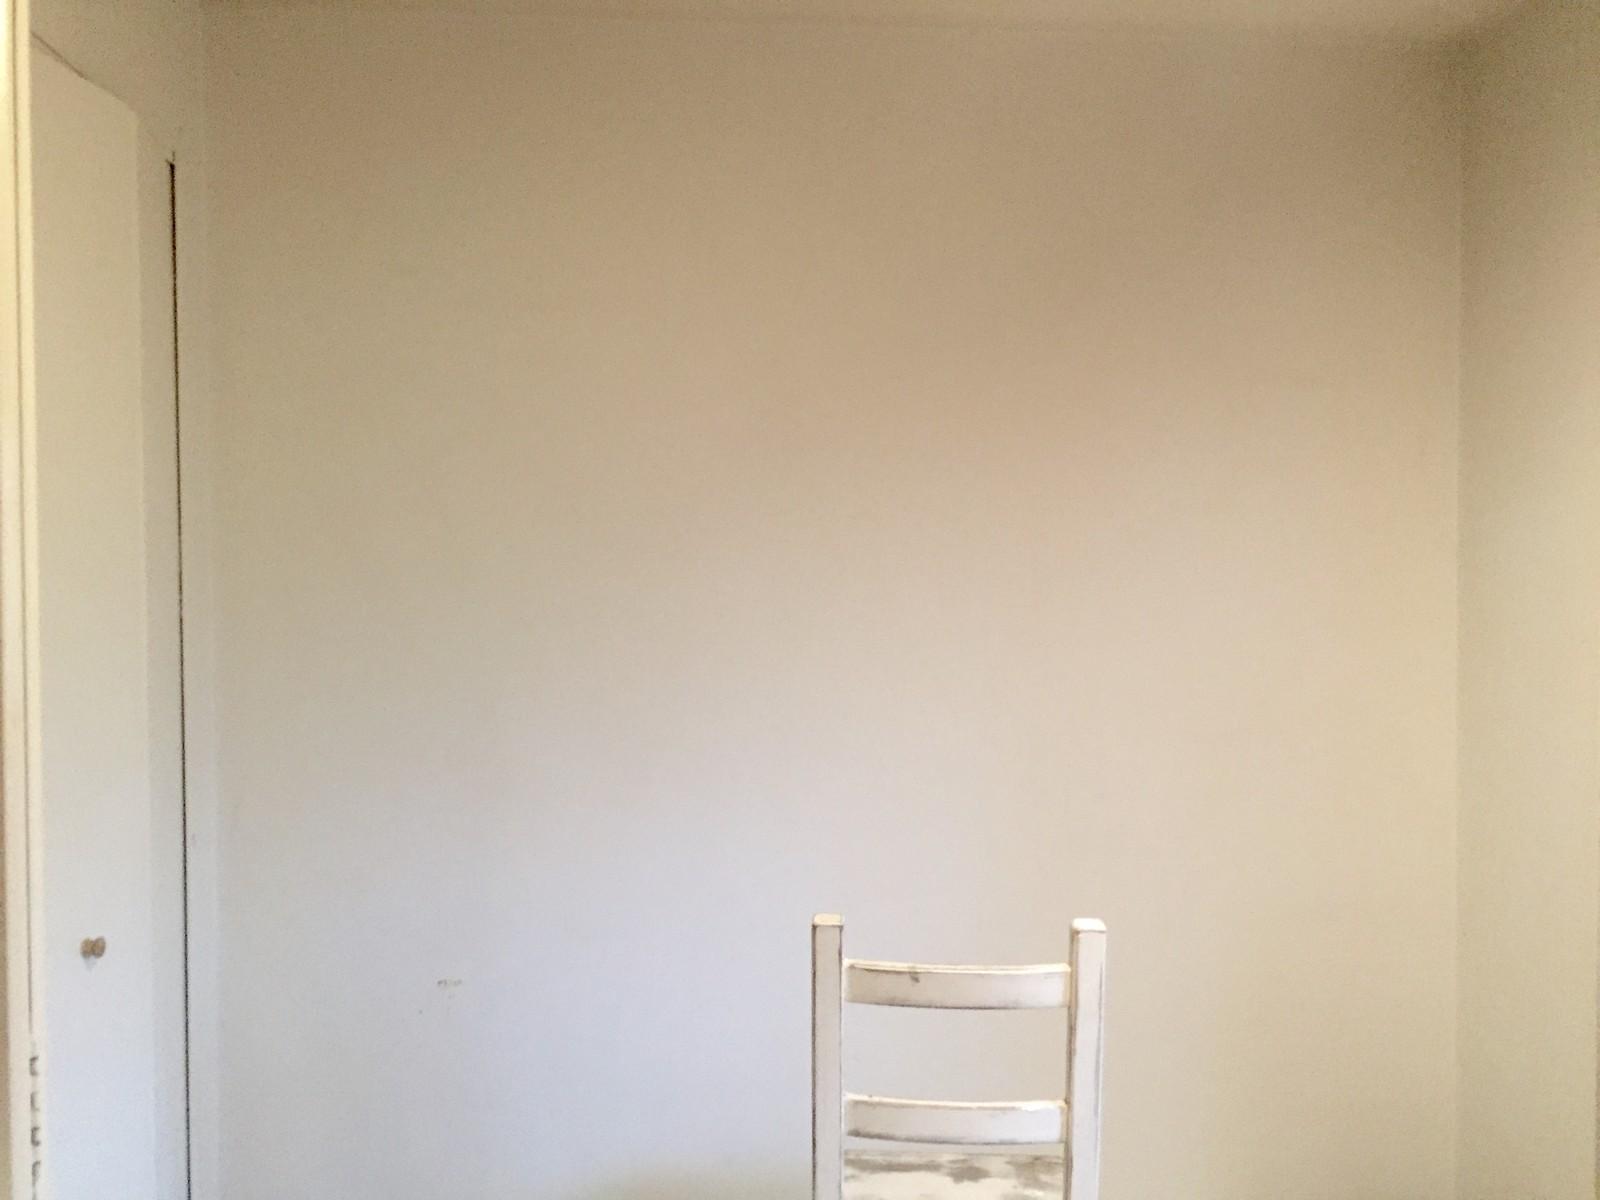 子供部屋改造 壁紙を剥がしてコンクリート壁に P J S Home And